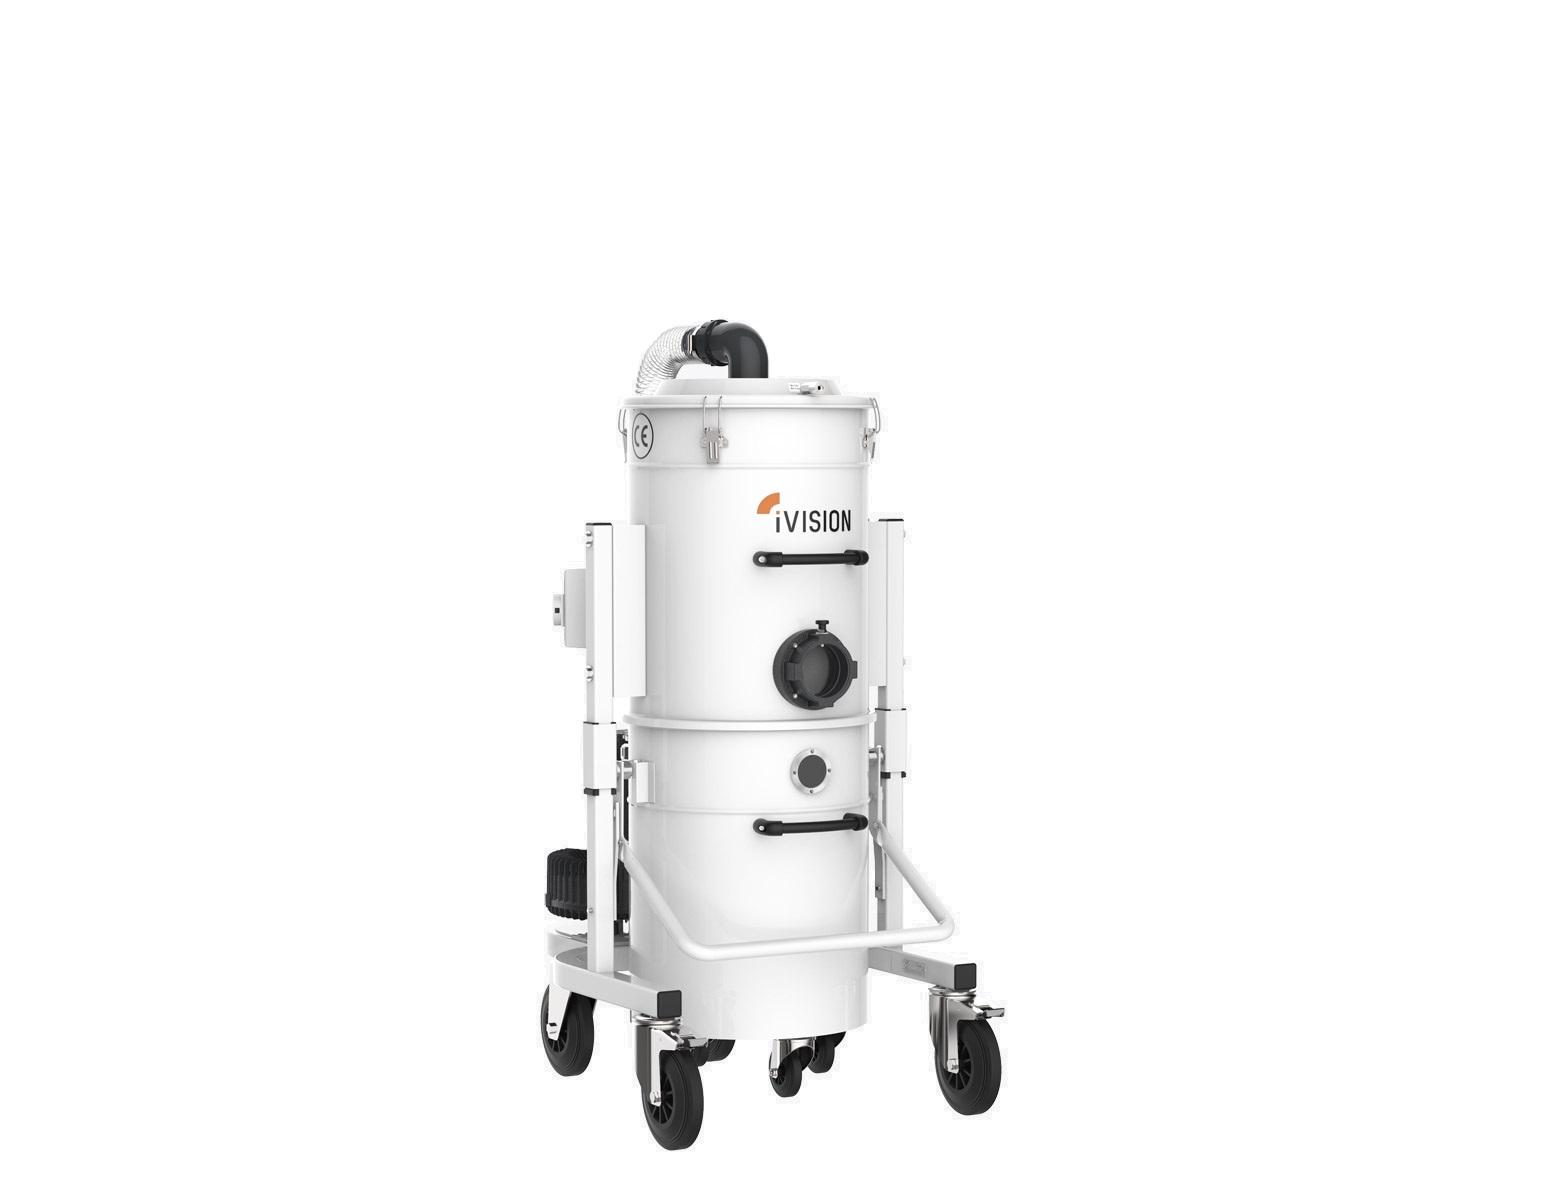 PCB Equipment Industrial vacuum cleaners